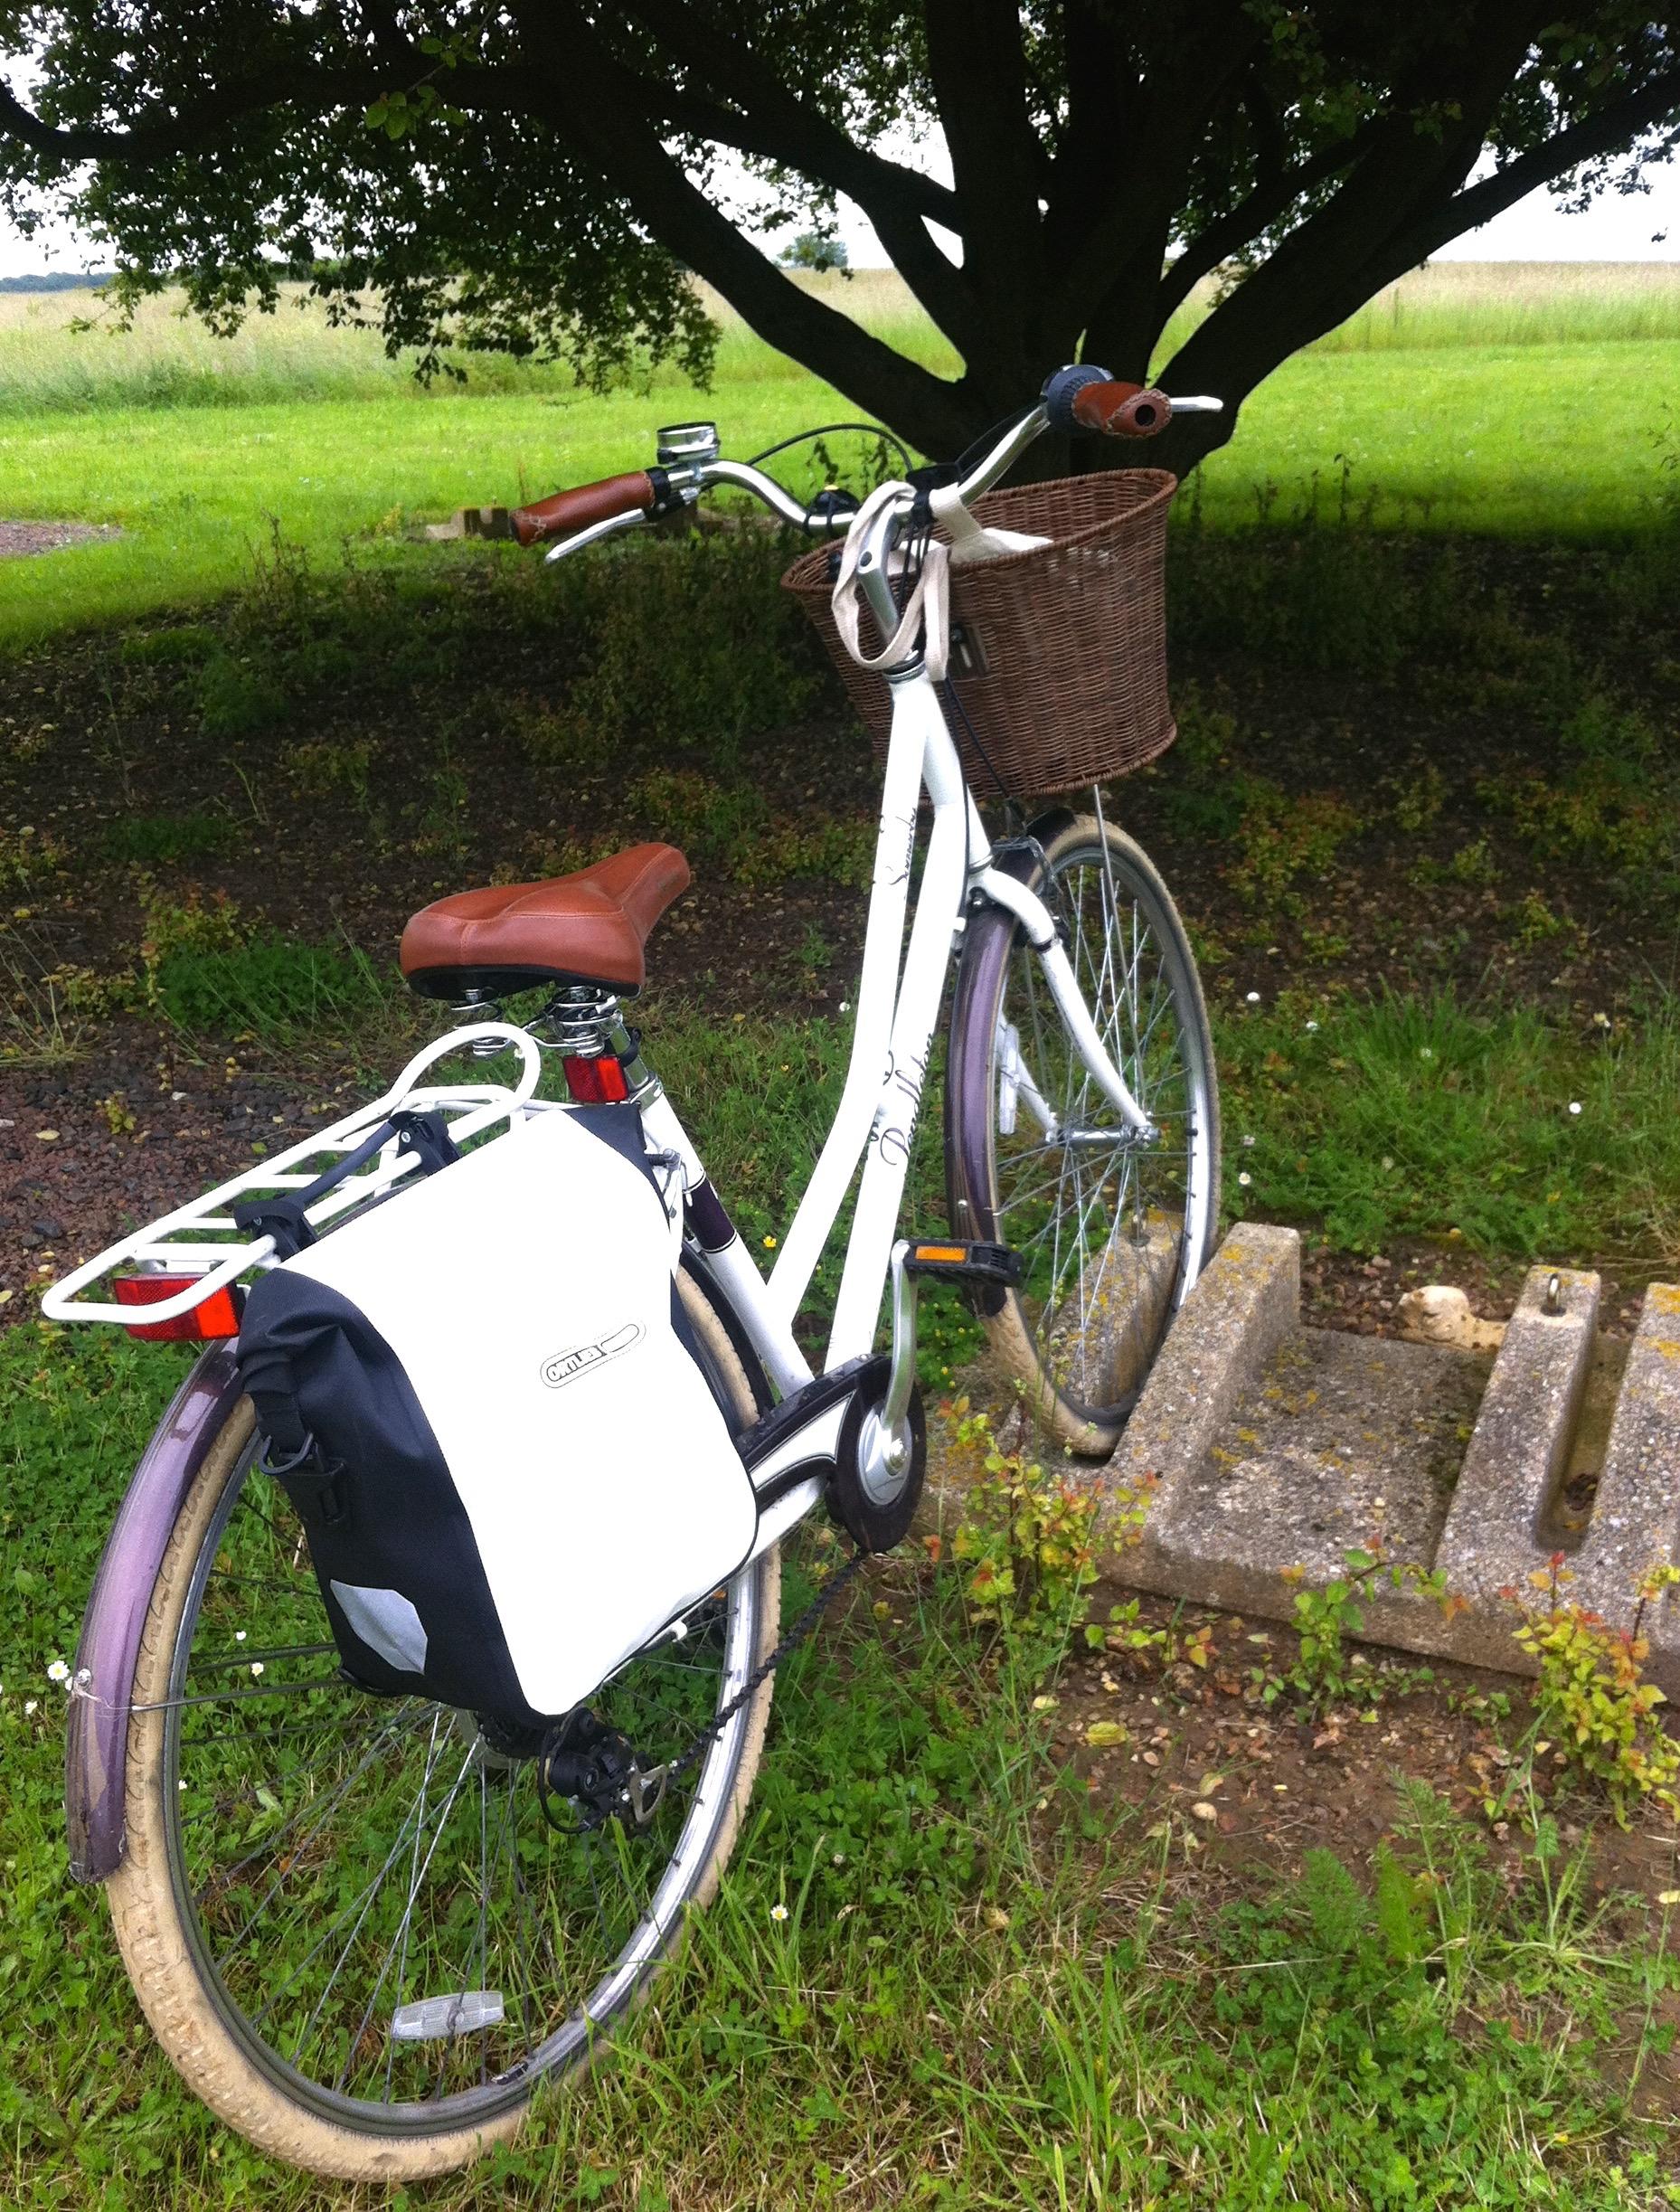 Parking my bike as you do